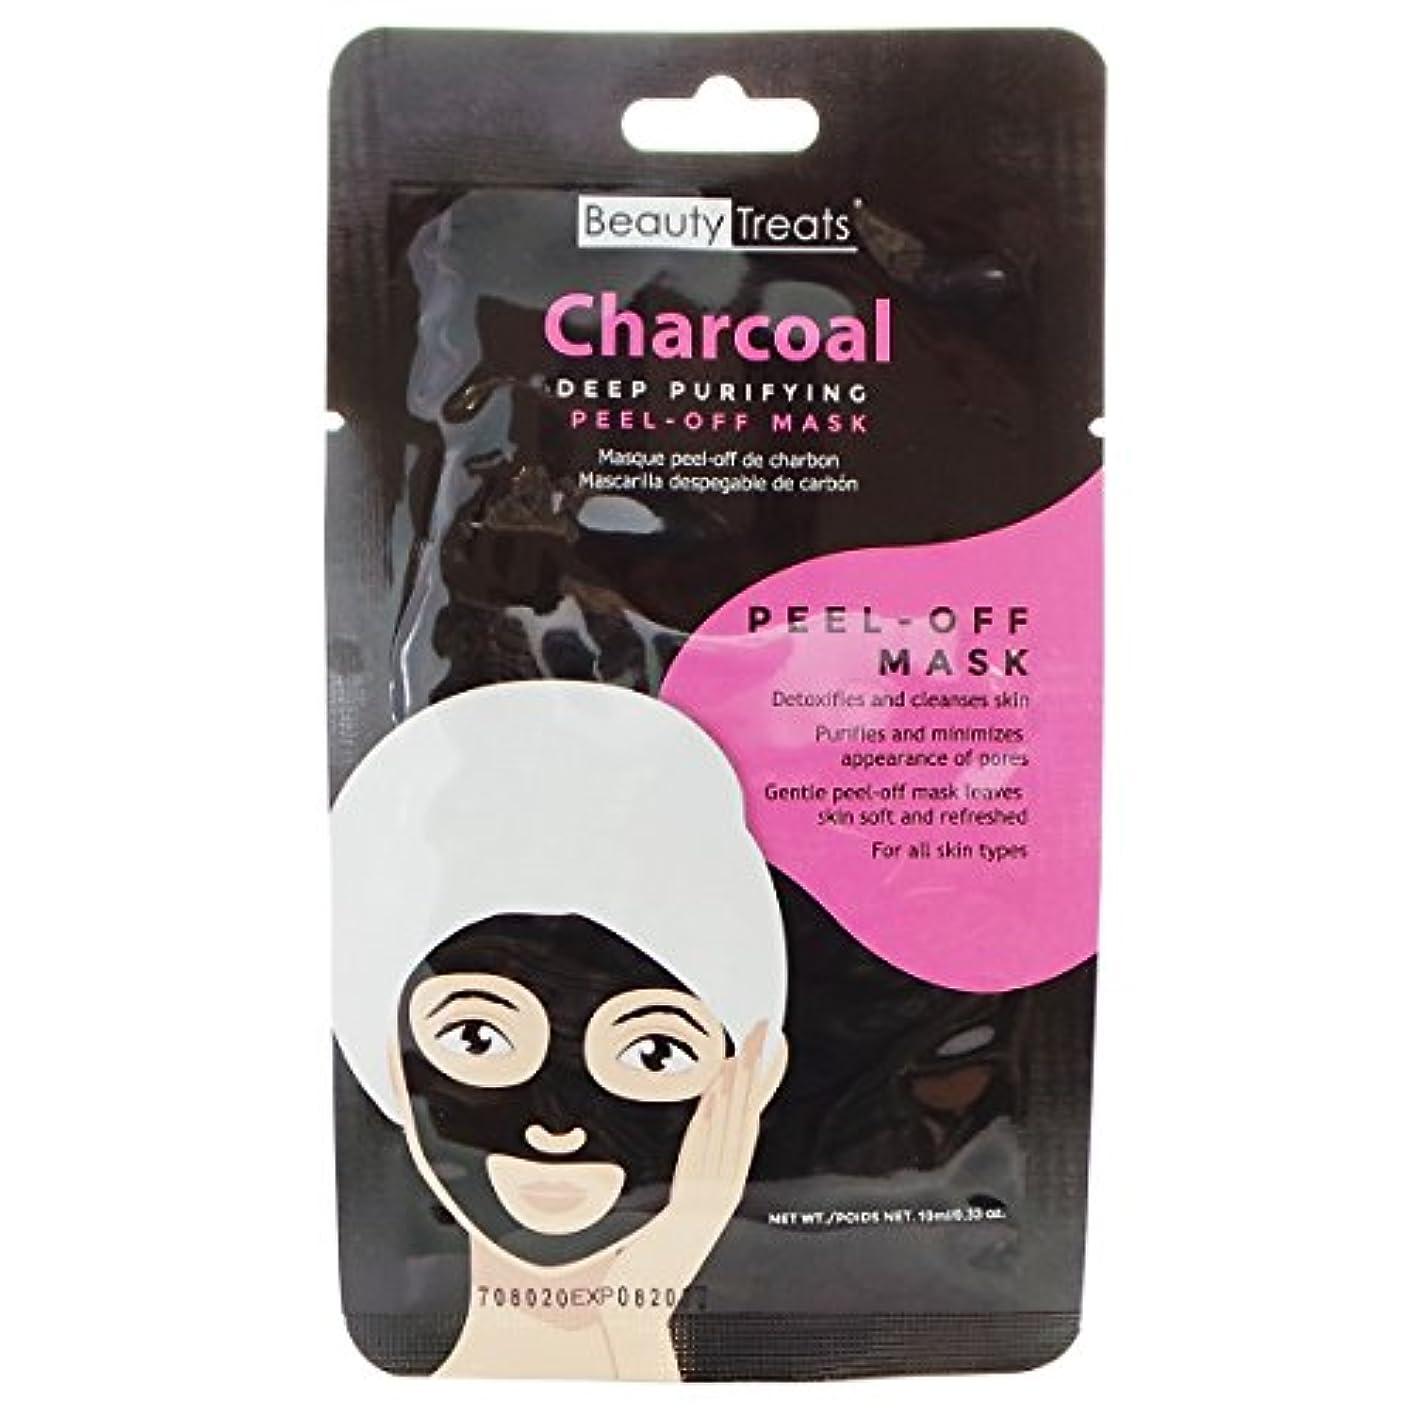 粘液気怠い埋め込む(3 Pack) BEAUTY TREATS Deep Purifying Peel-Off Charcoal Mask (並行輸入品)